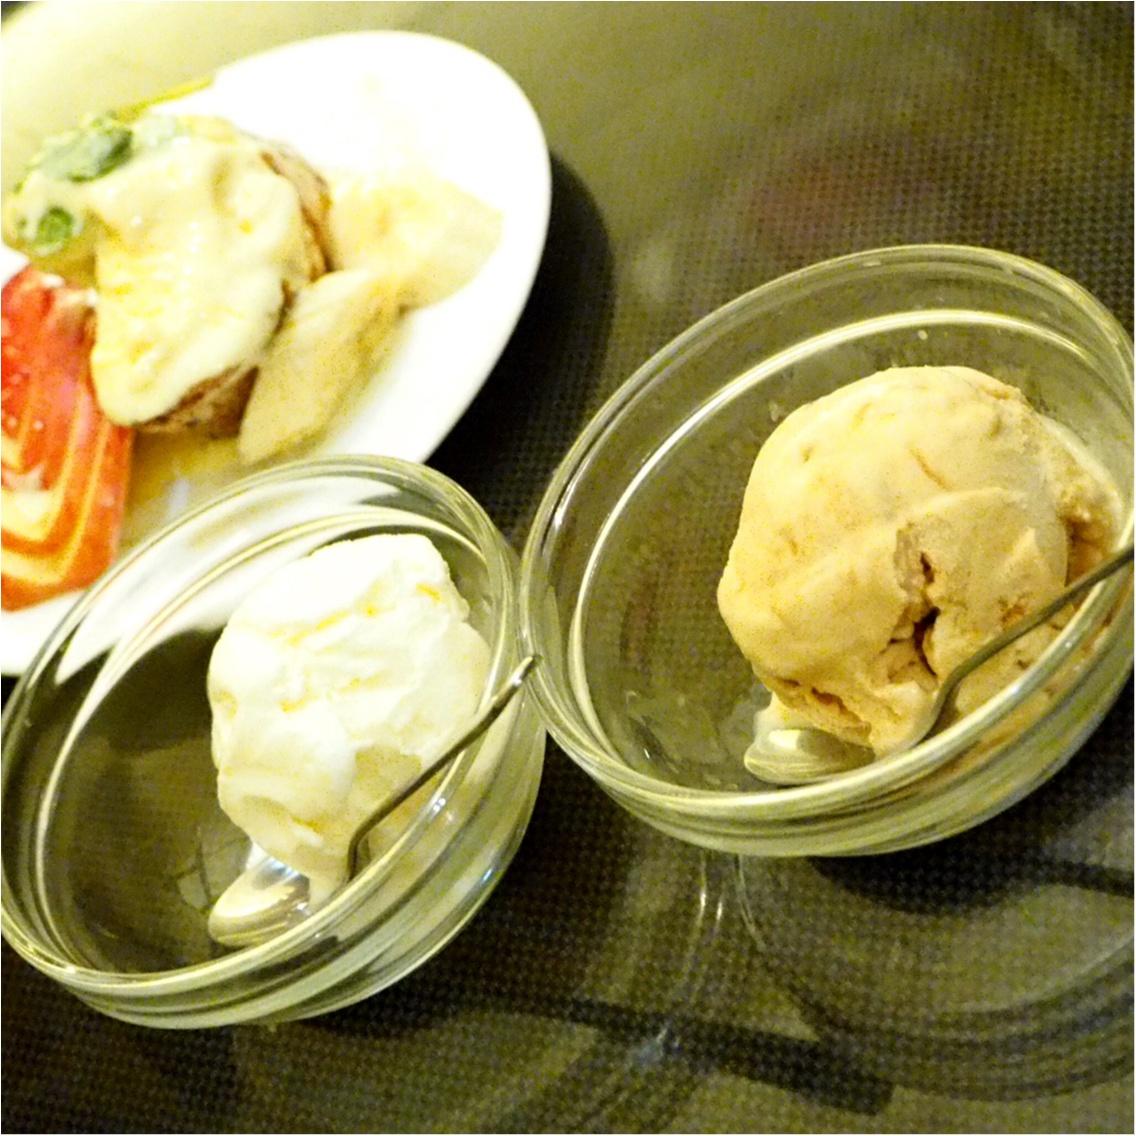 暑い夏こそ食べなきゃ♡塩すき鍋は特製の氷ダレをのせてさっぱりとした味わい_13